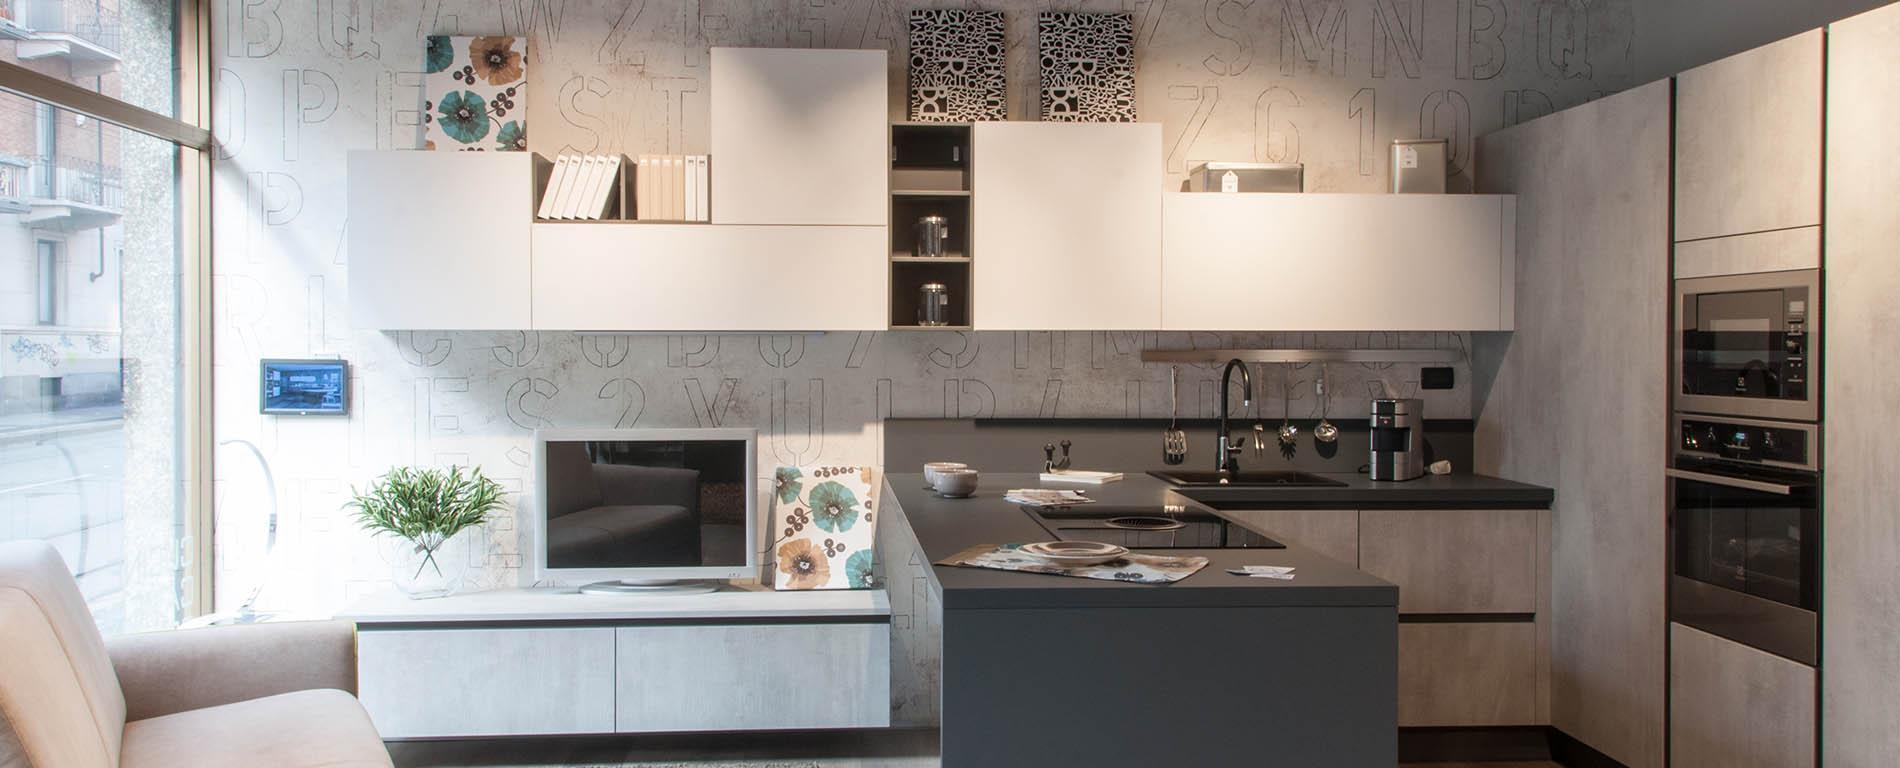 una cucina e salotto open space